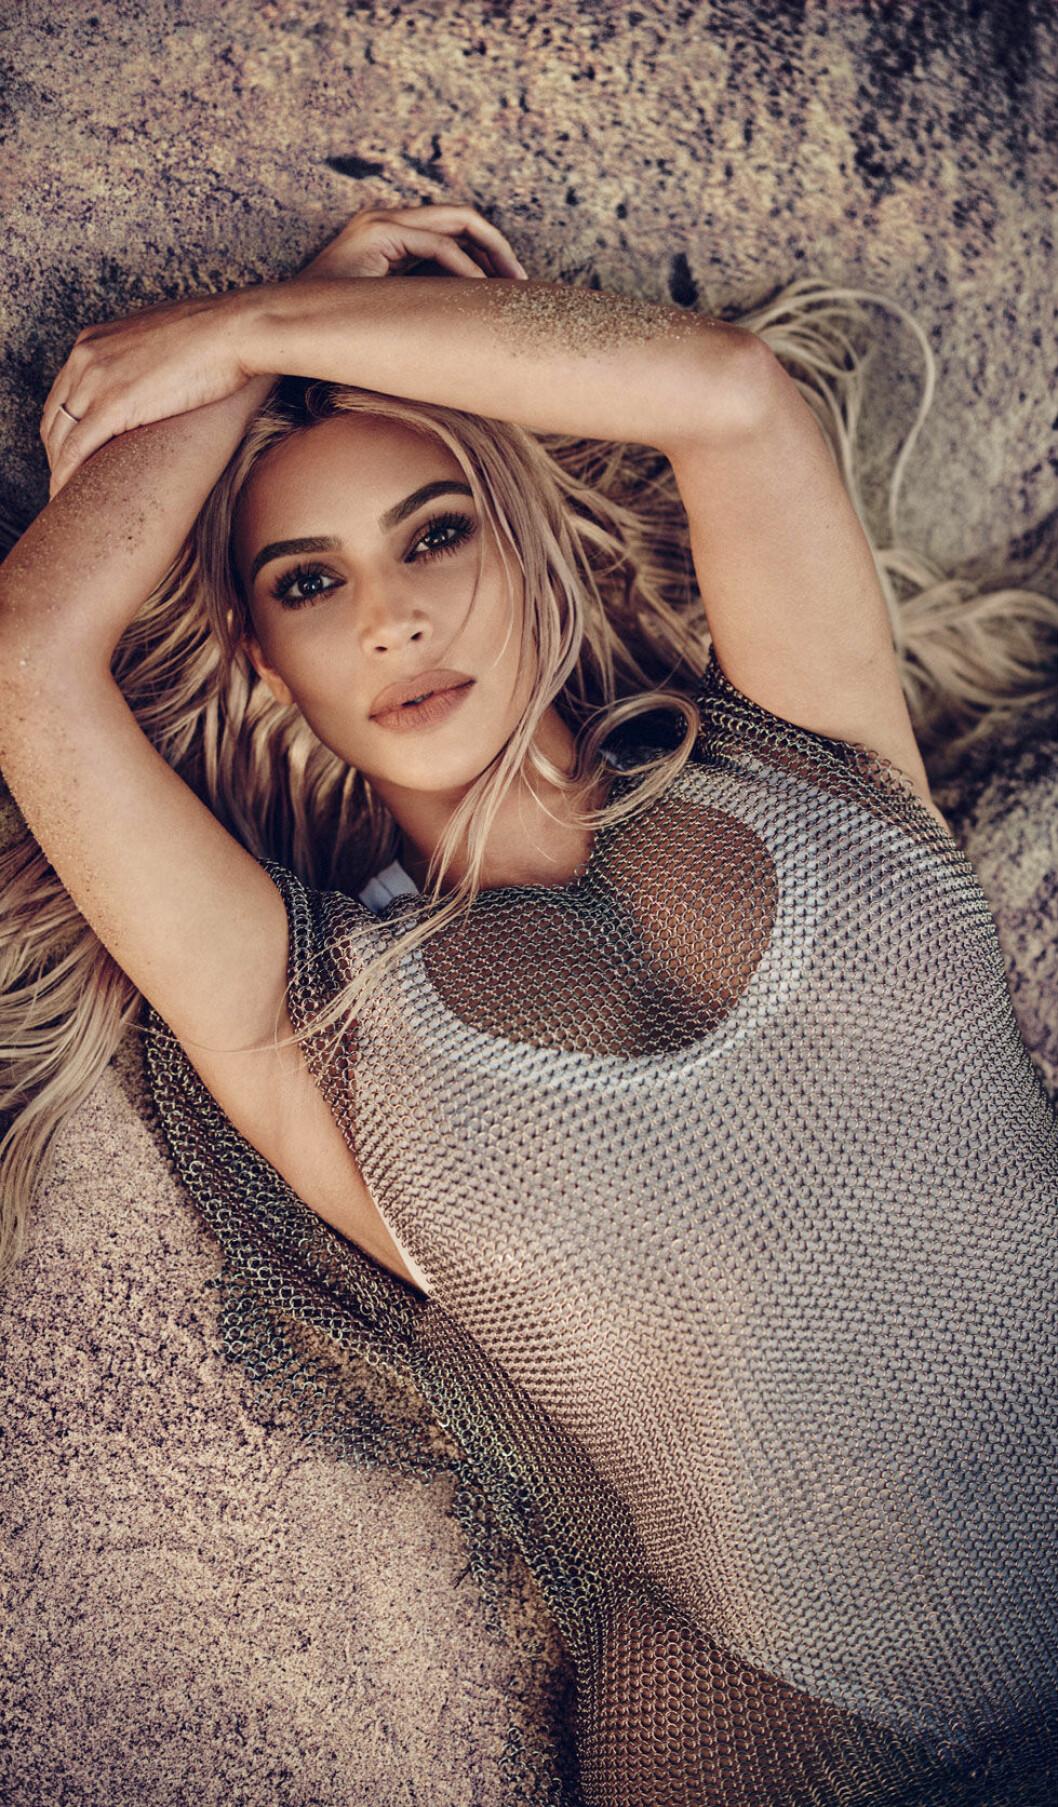 I en intervju med ELLE berättar Kim Kardashian om sina skönhetsbehandlingar.